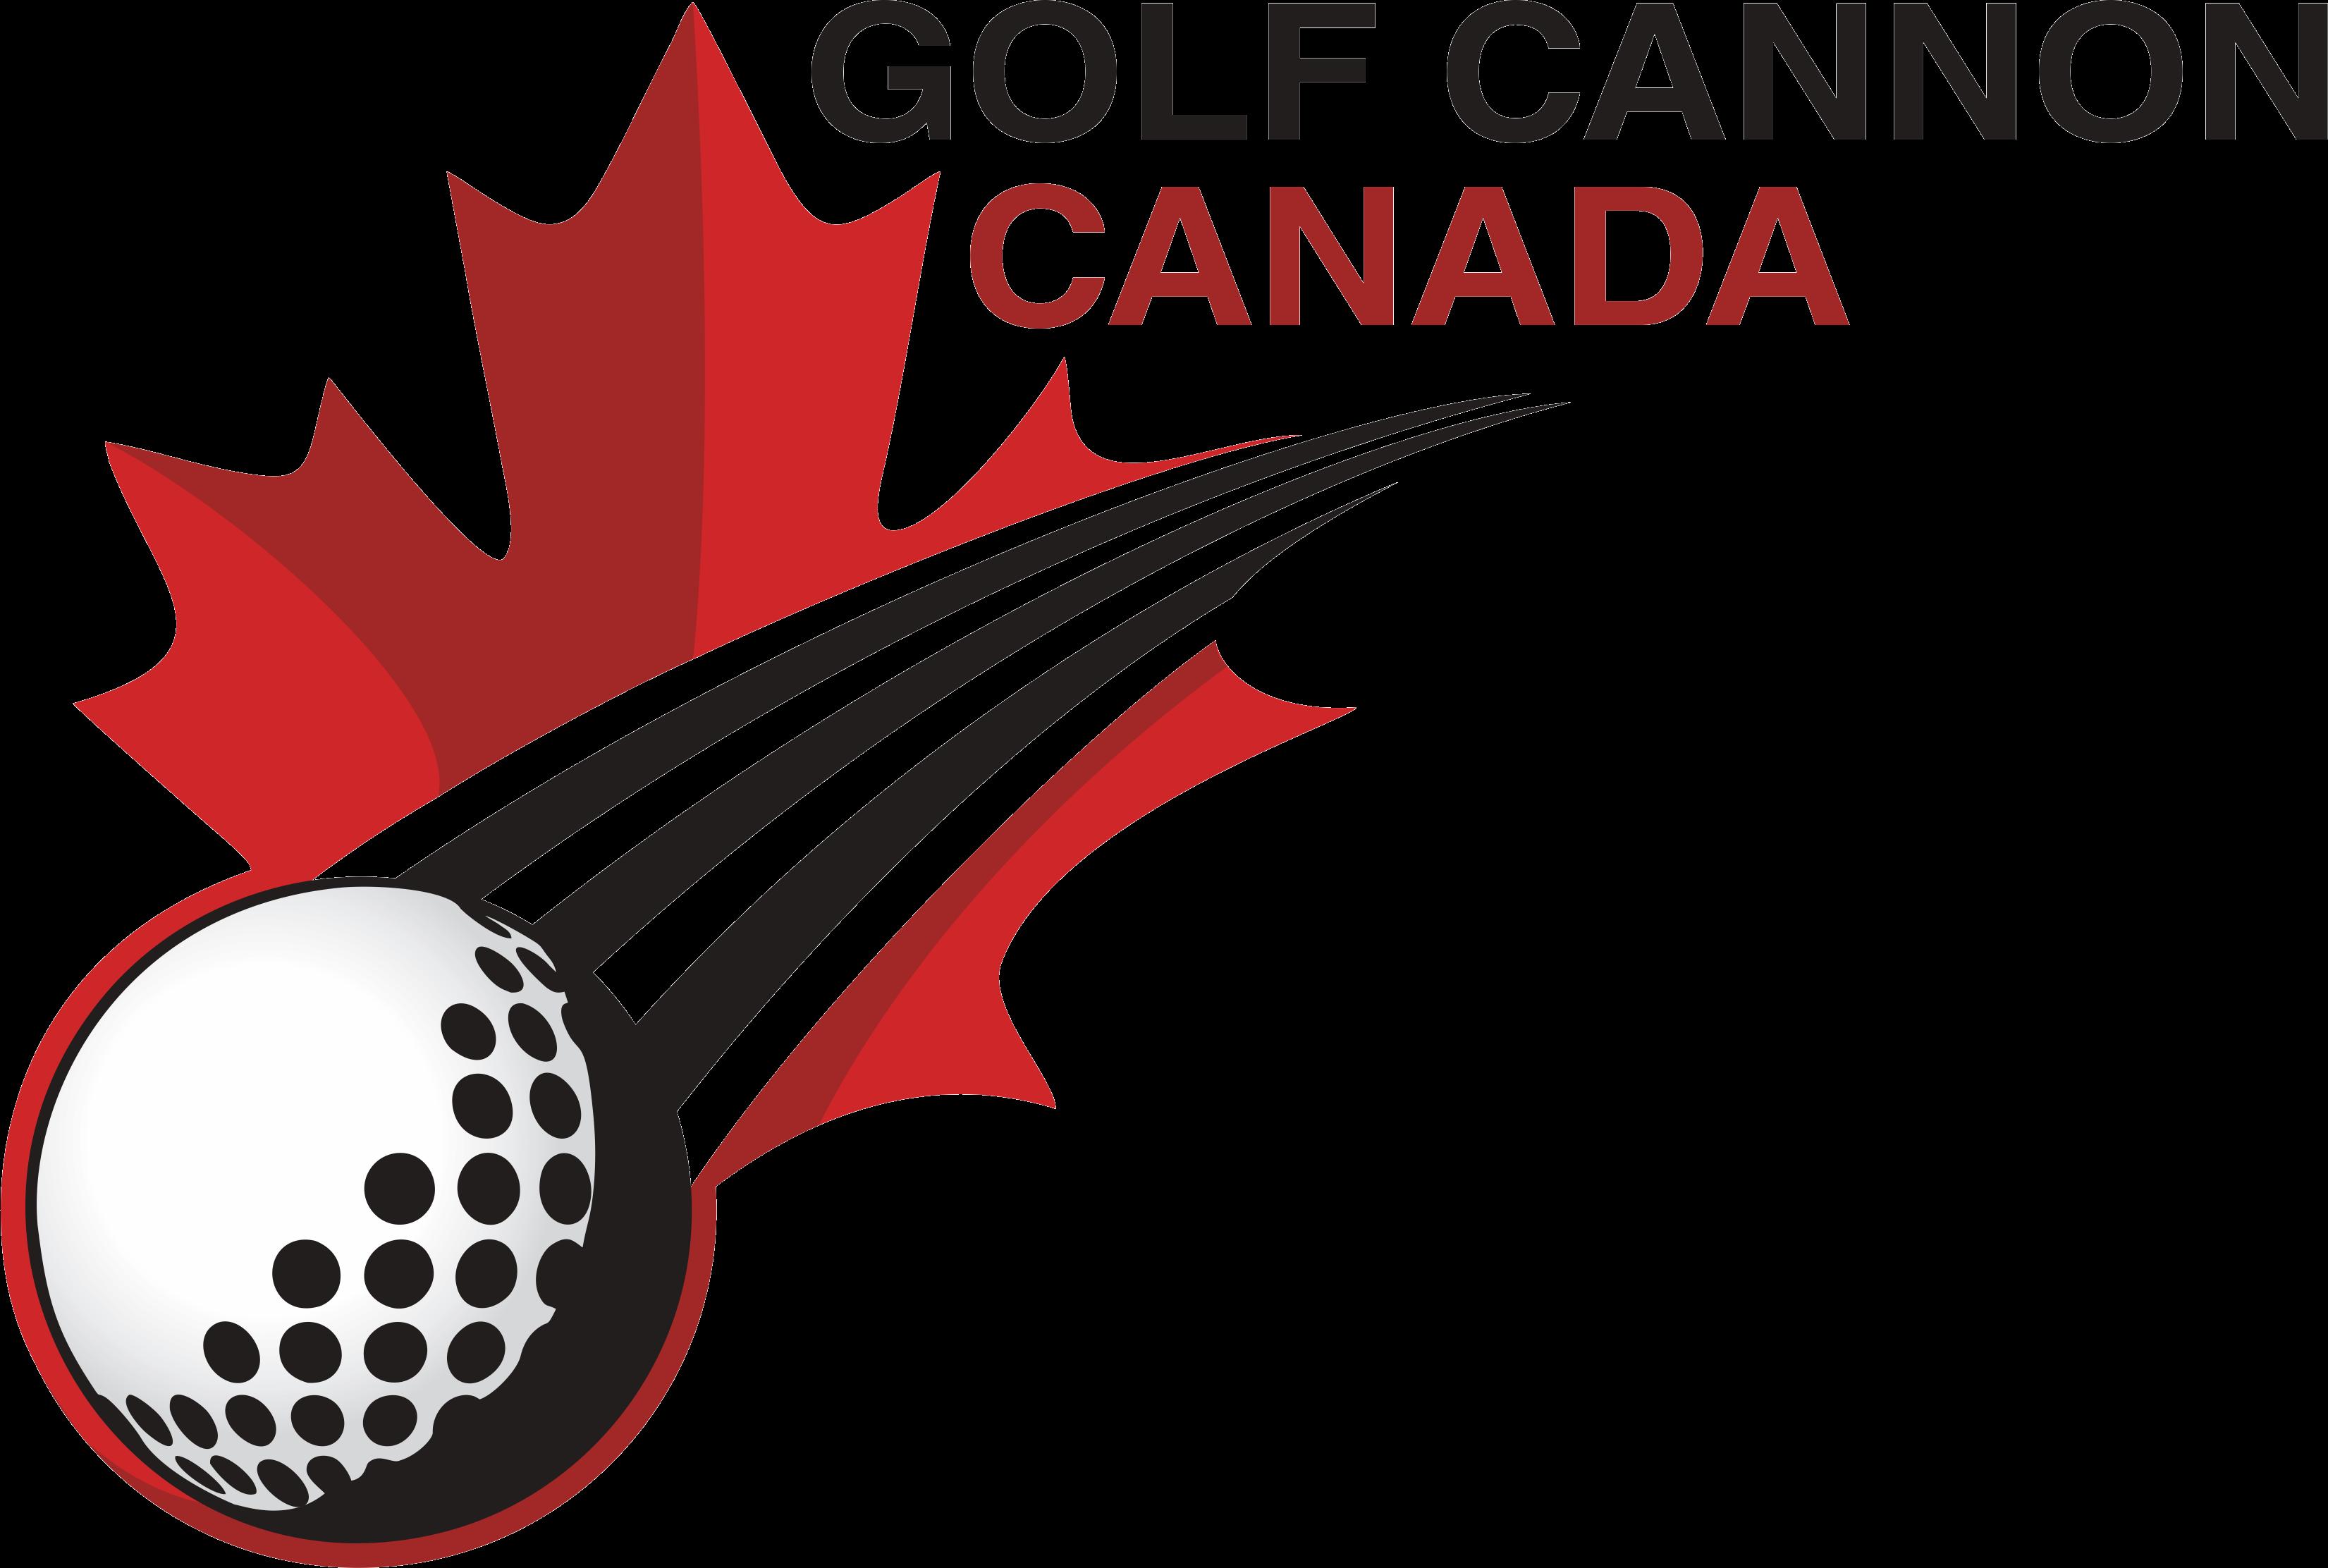 GGEM - Golf Cannon Canada